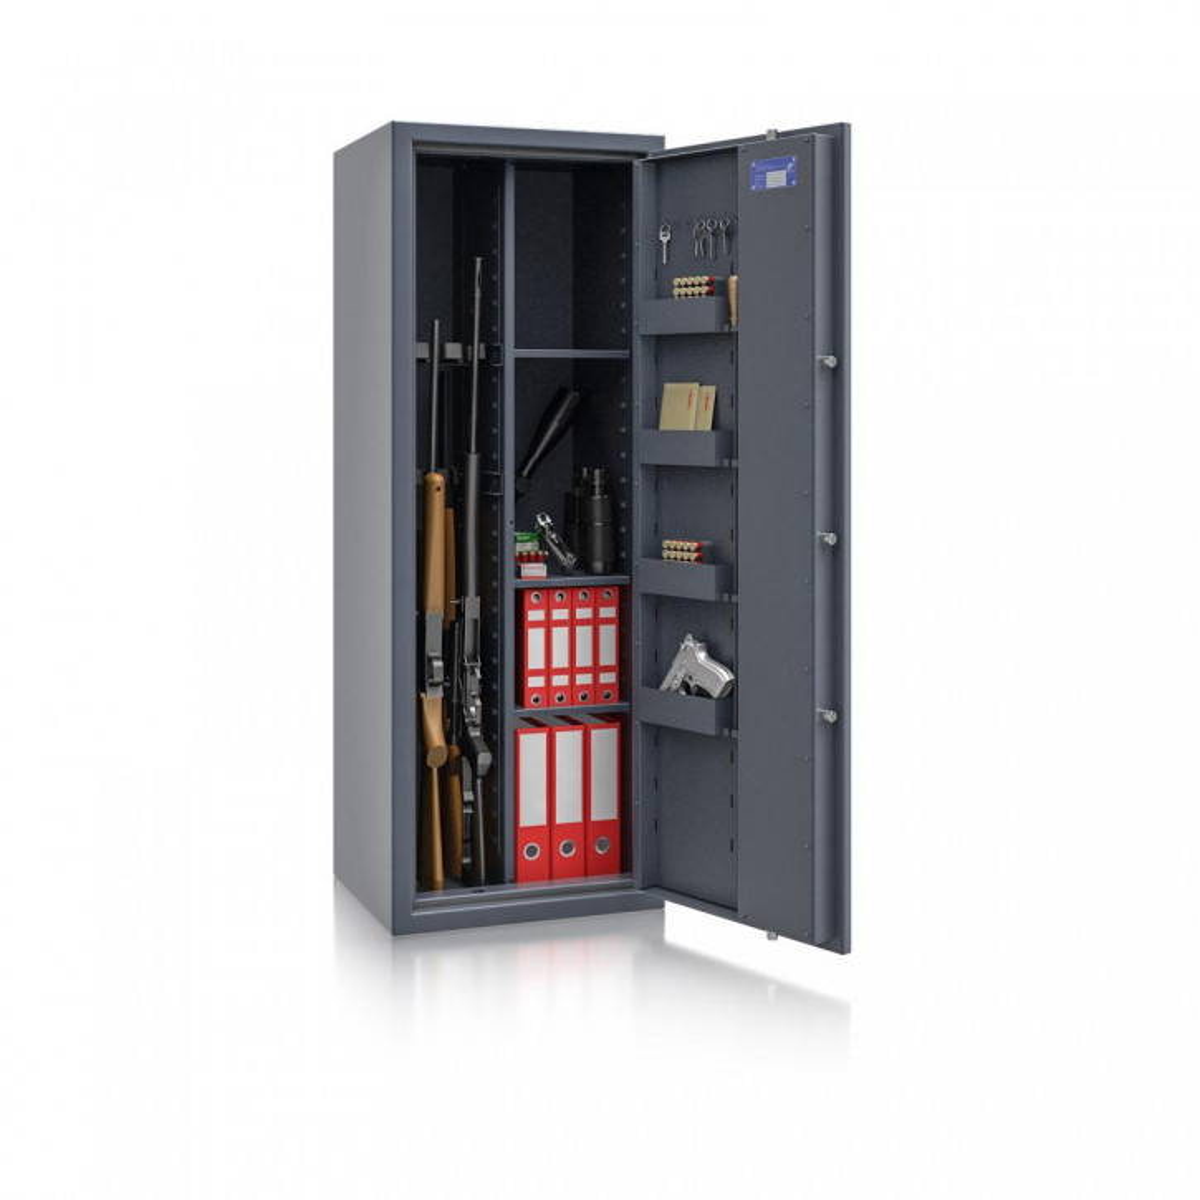 Waffenschrank Luzern WF MAX Kombi 2 - 1500x550x450 / 195kg 55631 / Klasse 0 / RAL7024 / Schlüssel / DIN R / mit Trennw.